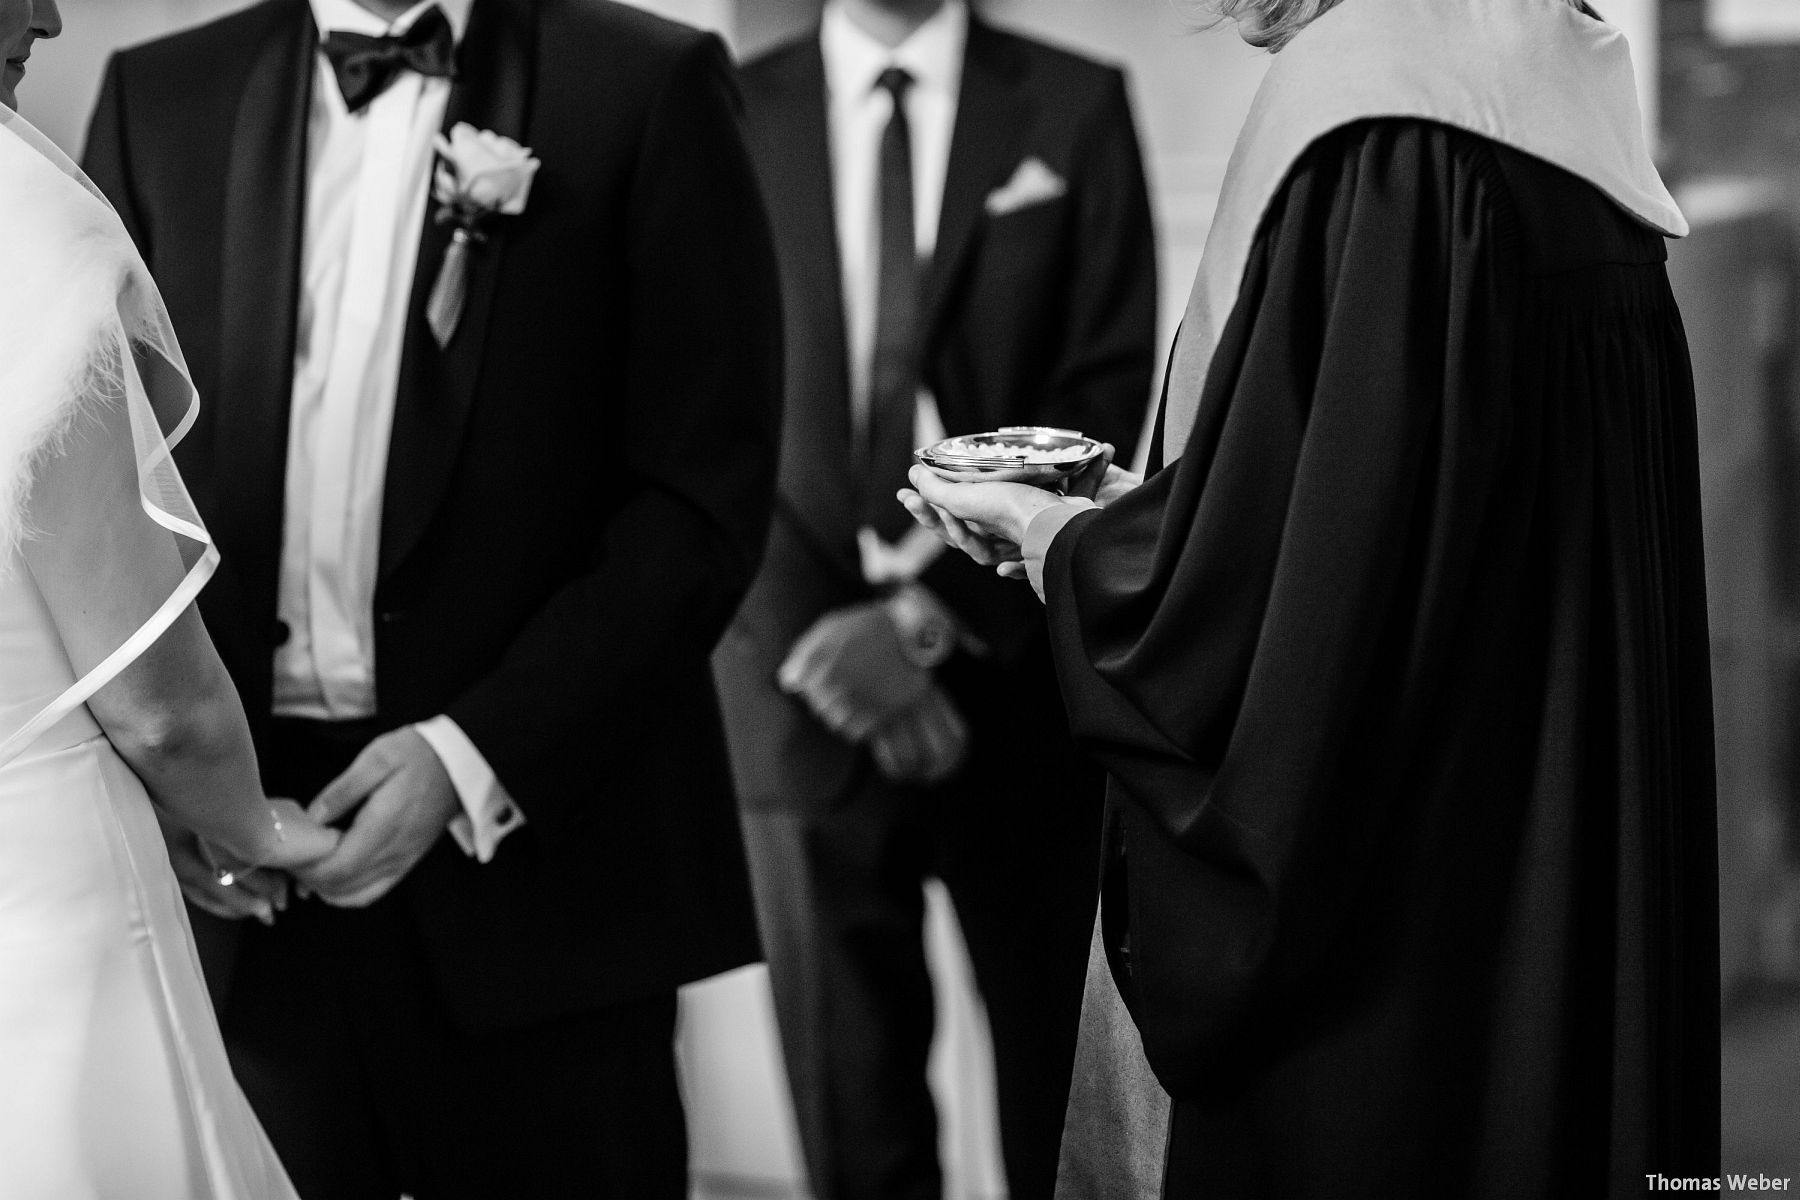 Hochzeitsfotograf Rastede: Kirchliche Trauung in der St. Ulrichs Kirche Rastede und Hochzeitsfeier in der Eventscheune St Georg Rastede mit dem Catering von Michael Niebuhr aus Oldenburg (26)